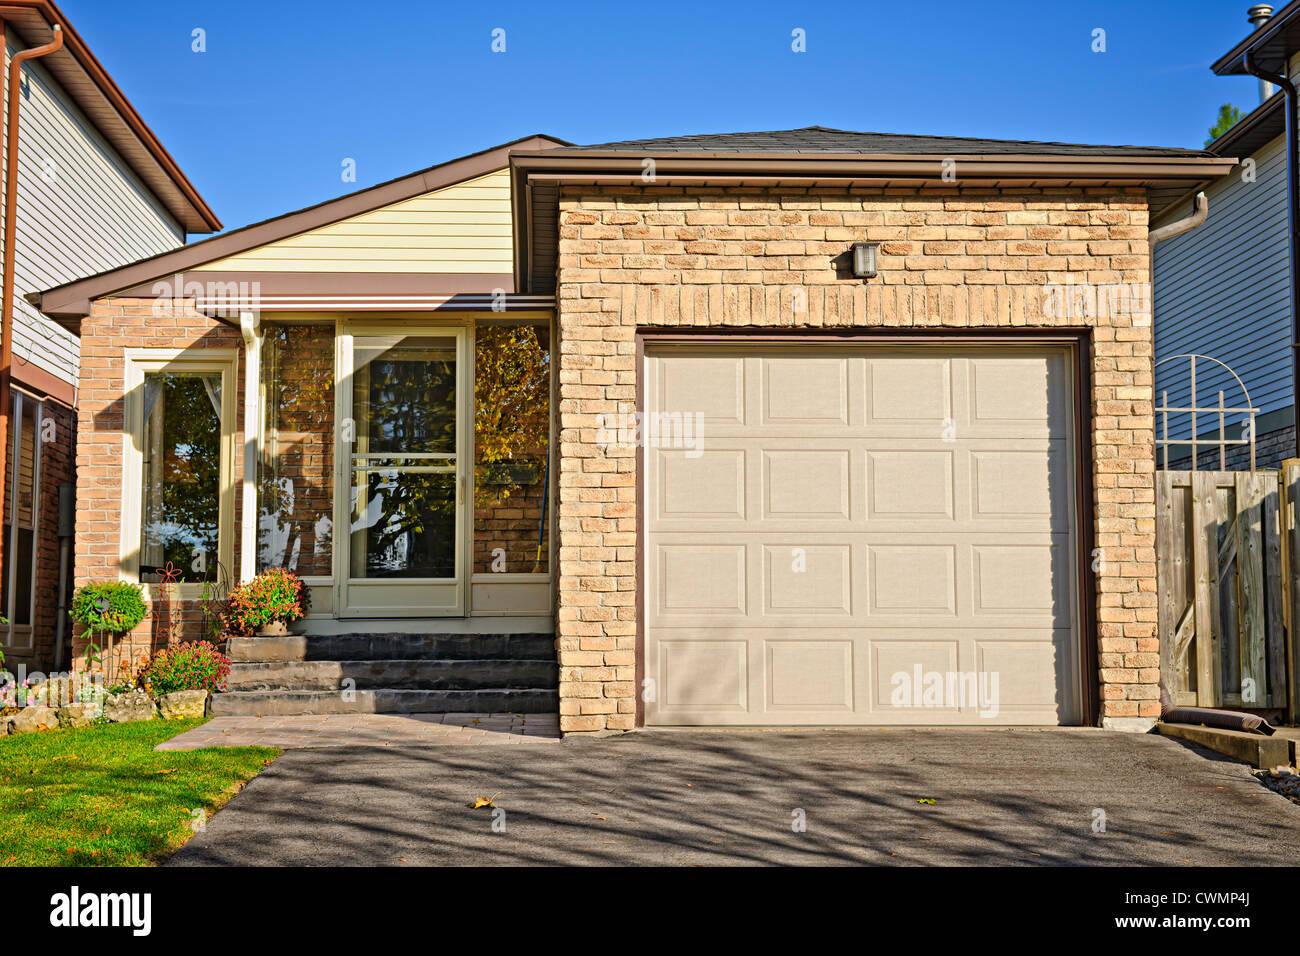 Petit bungalow de banlieue maison avec garage simple Photo Stock